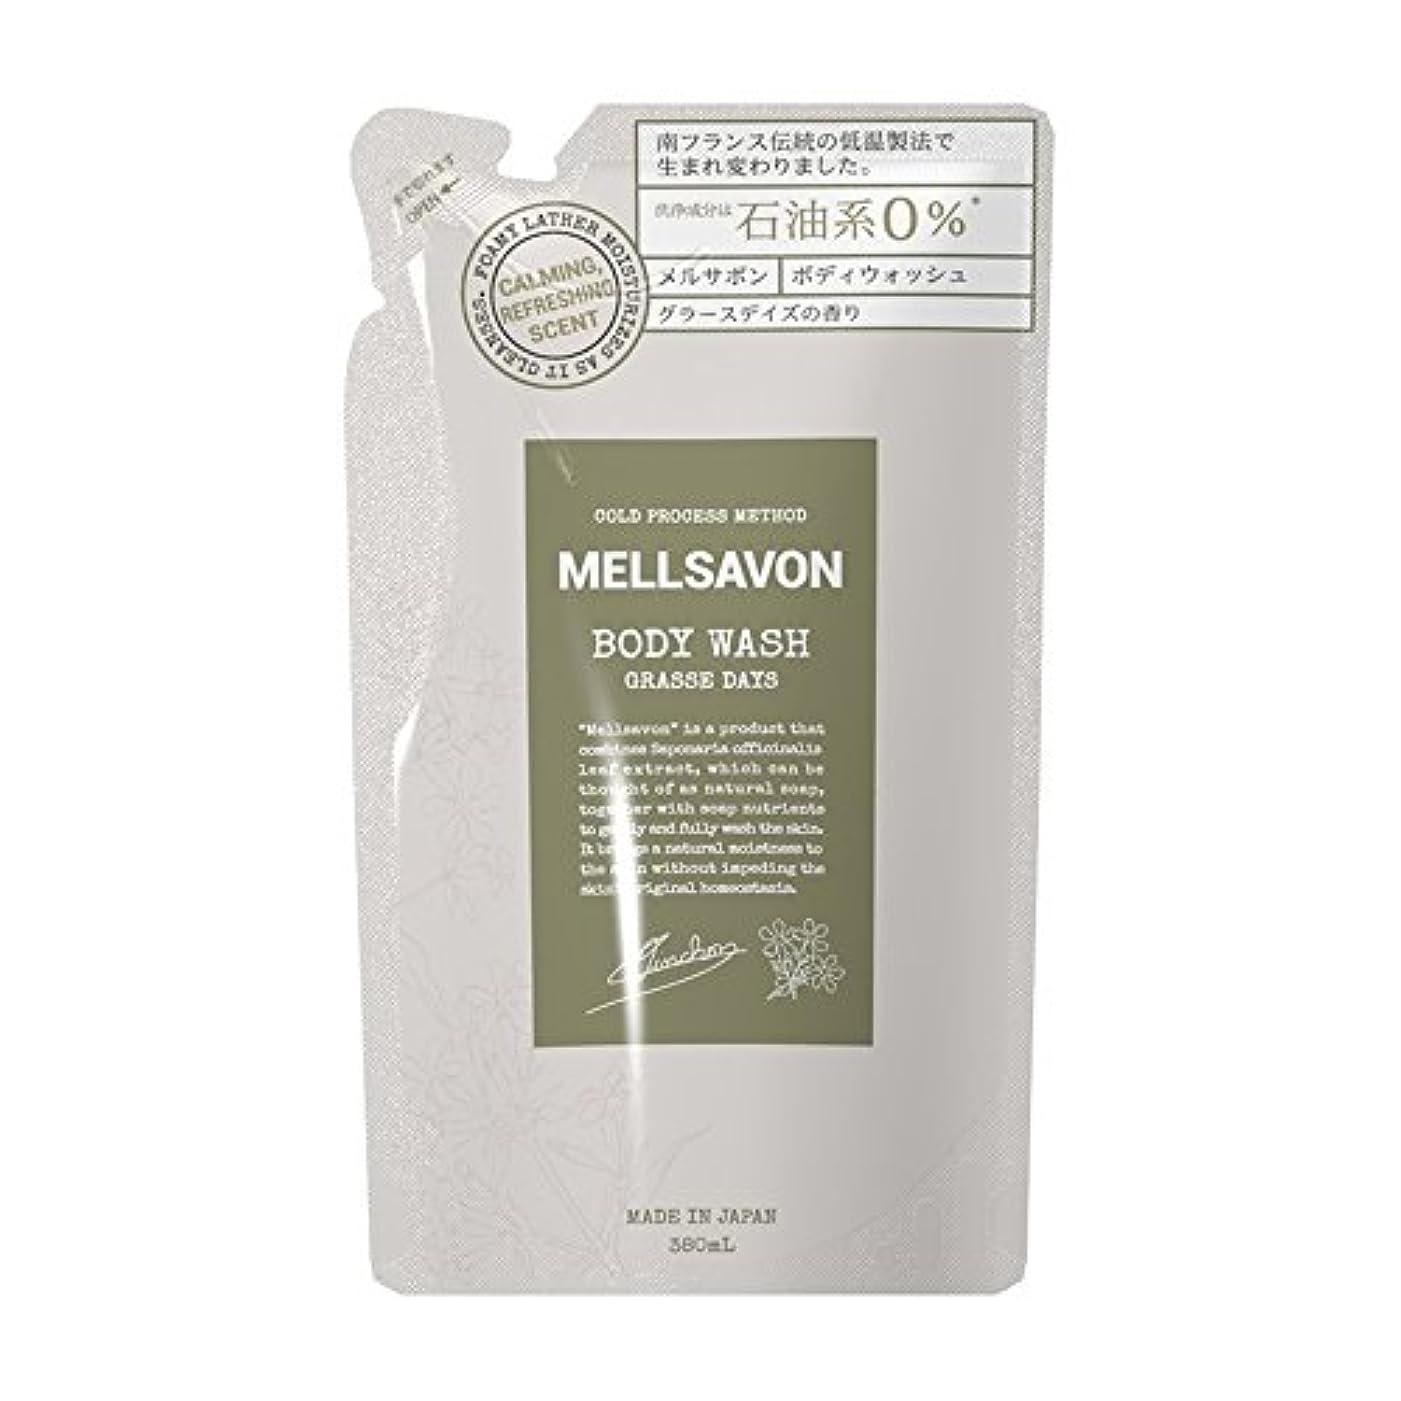 申し立てる薄汚い吐くMellsavon(メルサボン) メルサボン ボディウォッシュ グラースデイズ 詰替 380mL ボディソープ